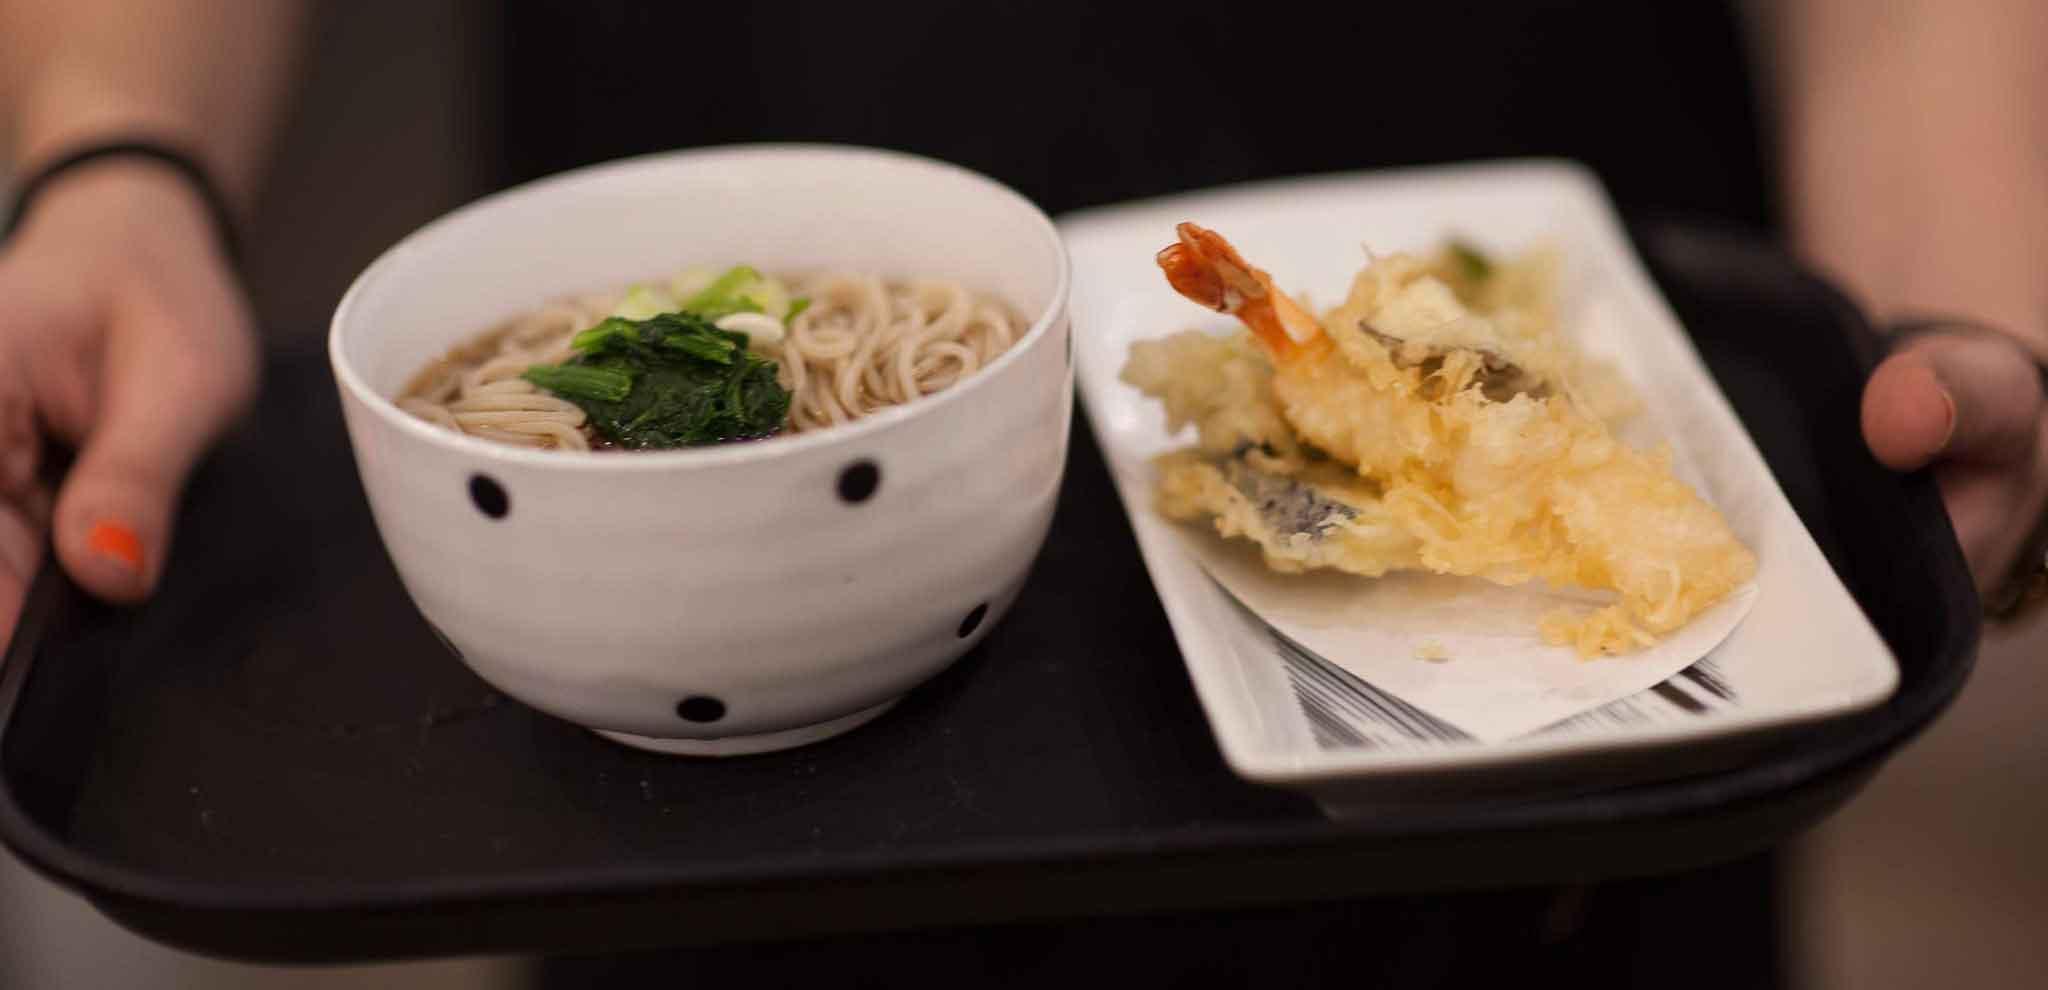 Ricette. Come Preparare La Soba Cioè Gli Spaghetti Giapponesi #B74314 2048 990 I Migliori Piatti Della Cucina Cinese